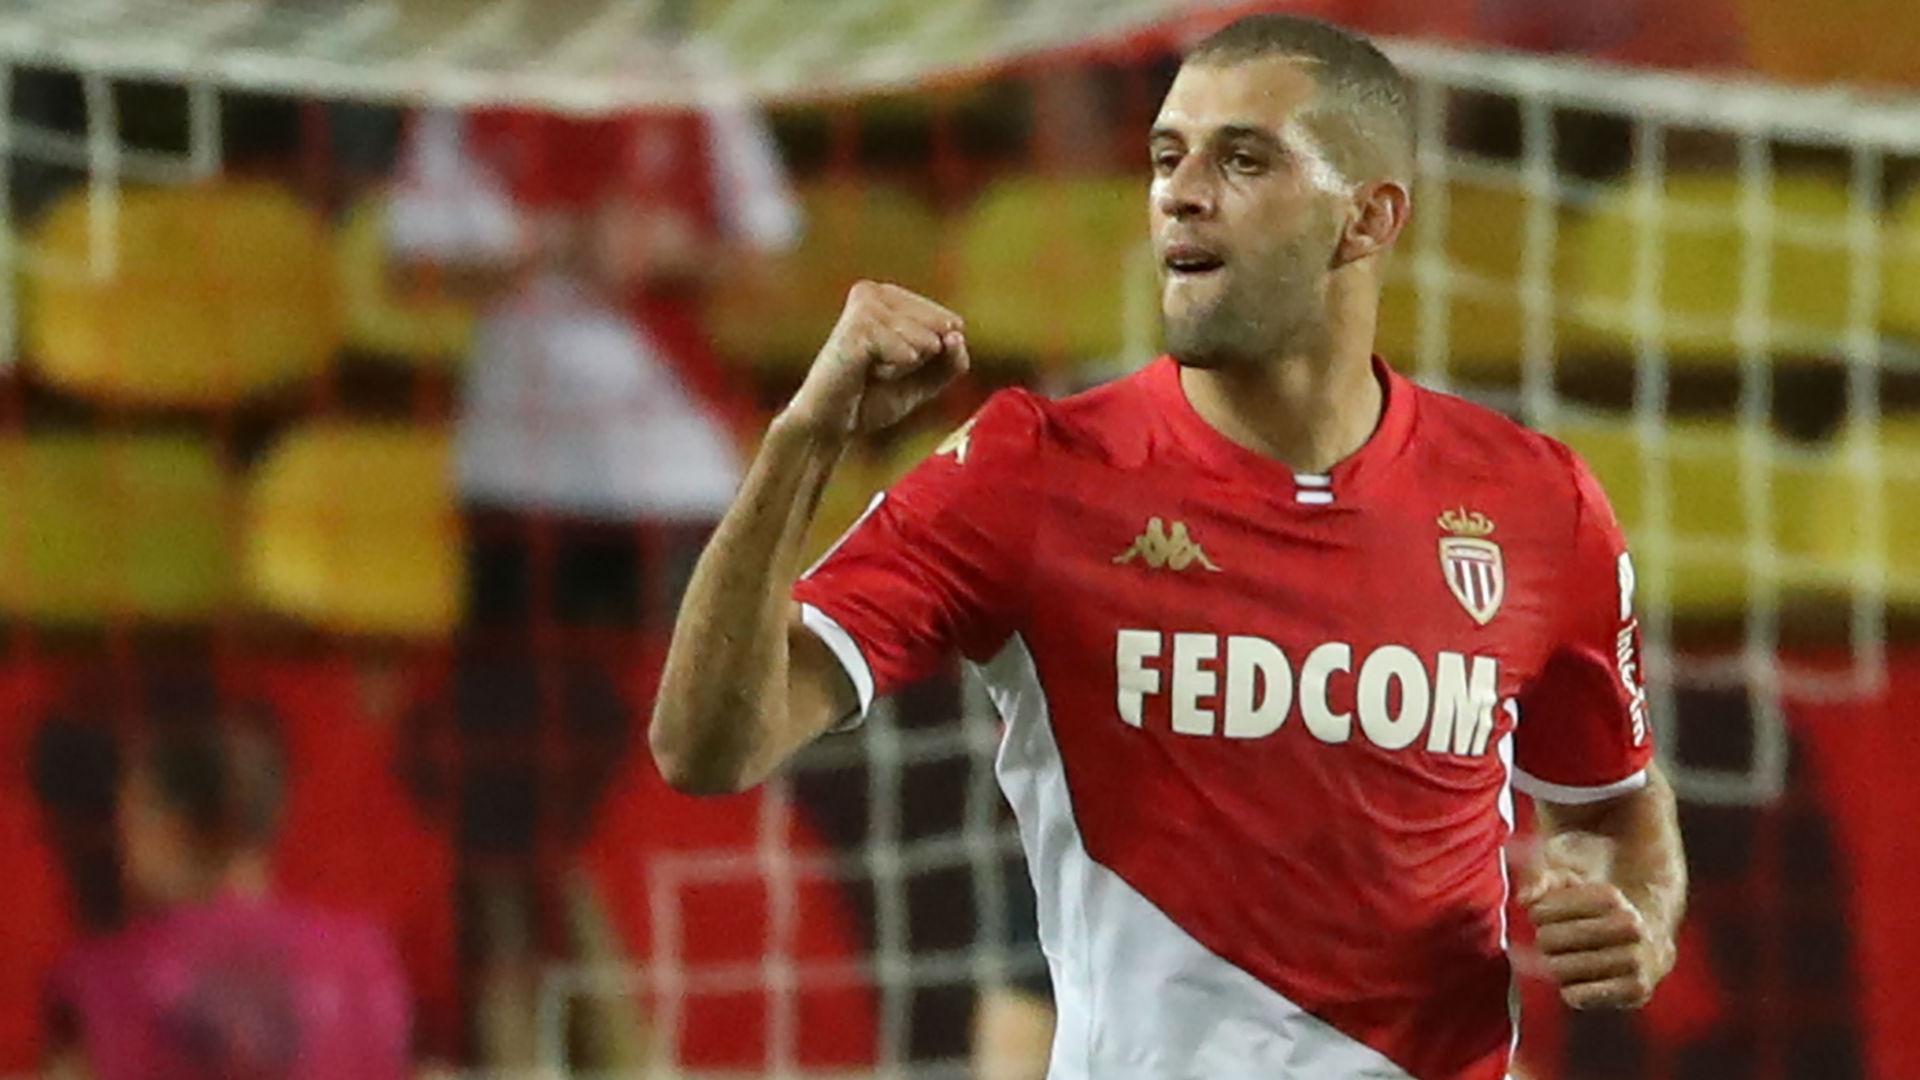 Mercato - Monaco : une option d'achat fixée à 10 millions d'euros pour Islam Slimani ?